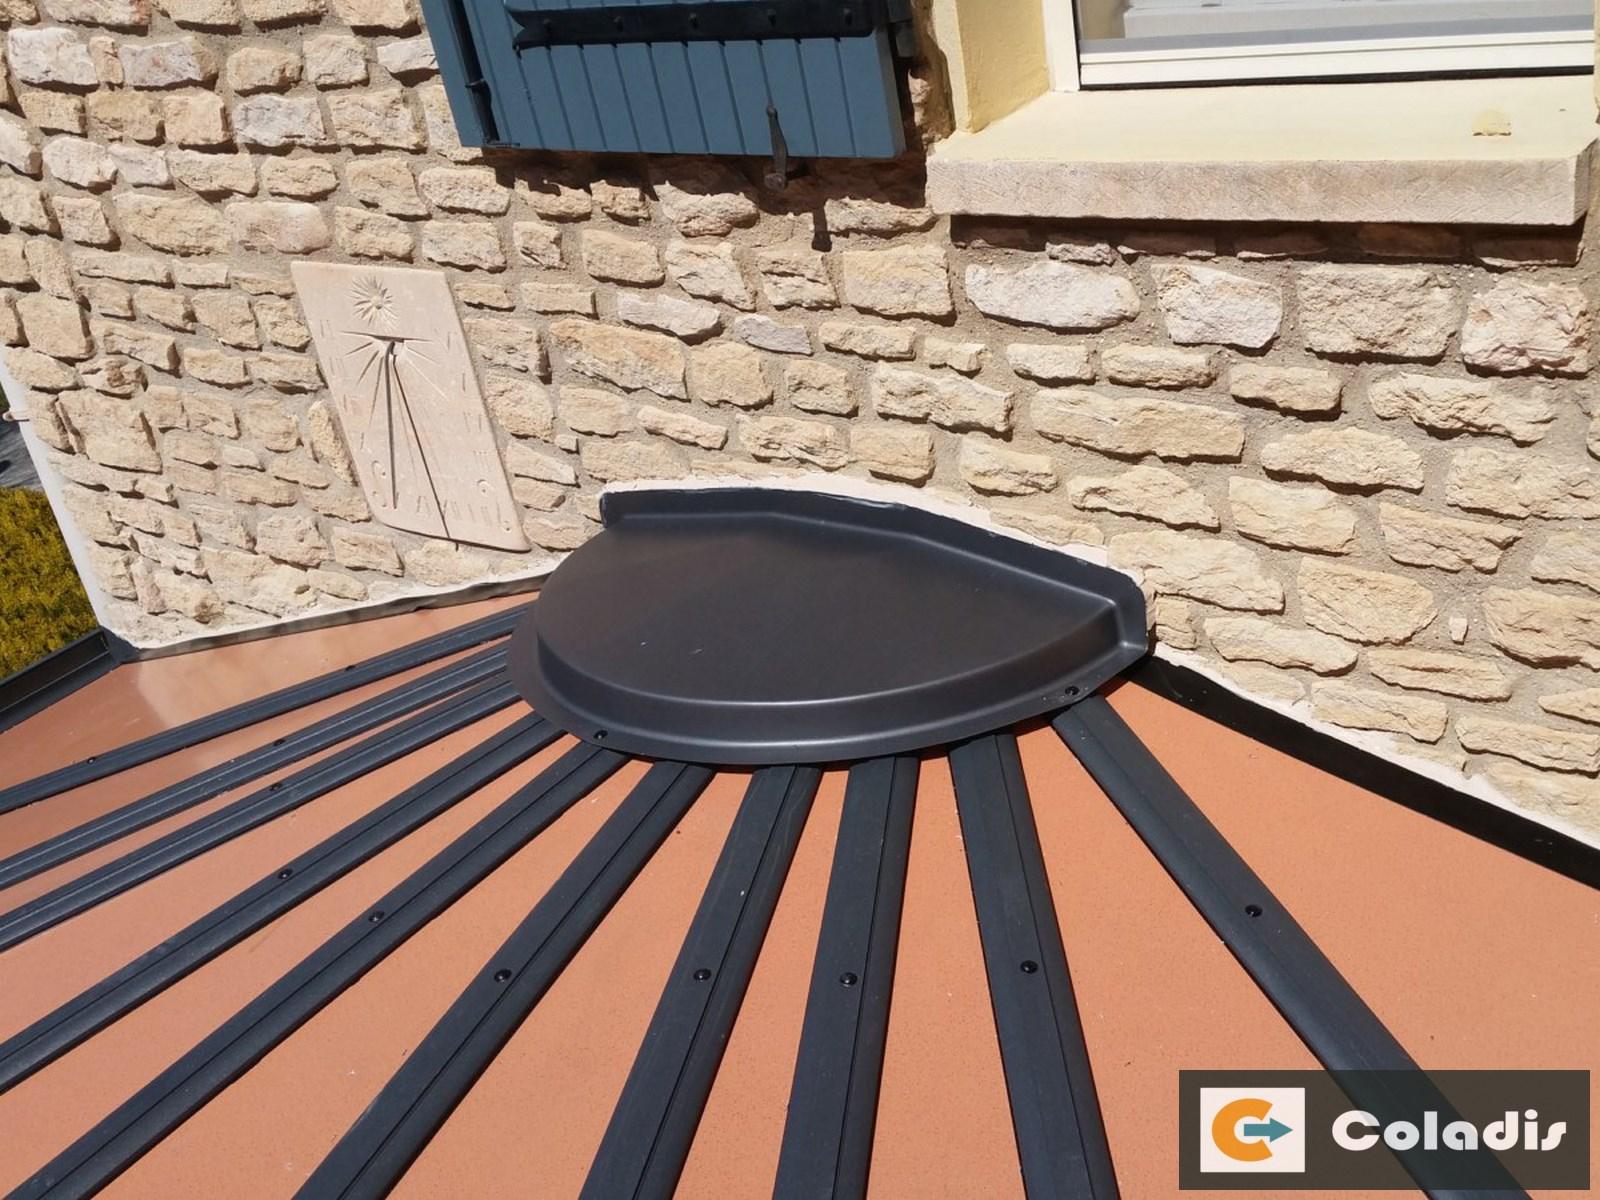 les panneaux isolants de toiture coladis. Black Bedroom Furniture Sets. Home Design Ideas